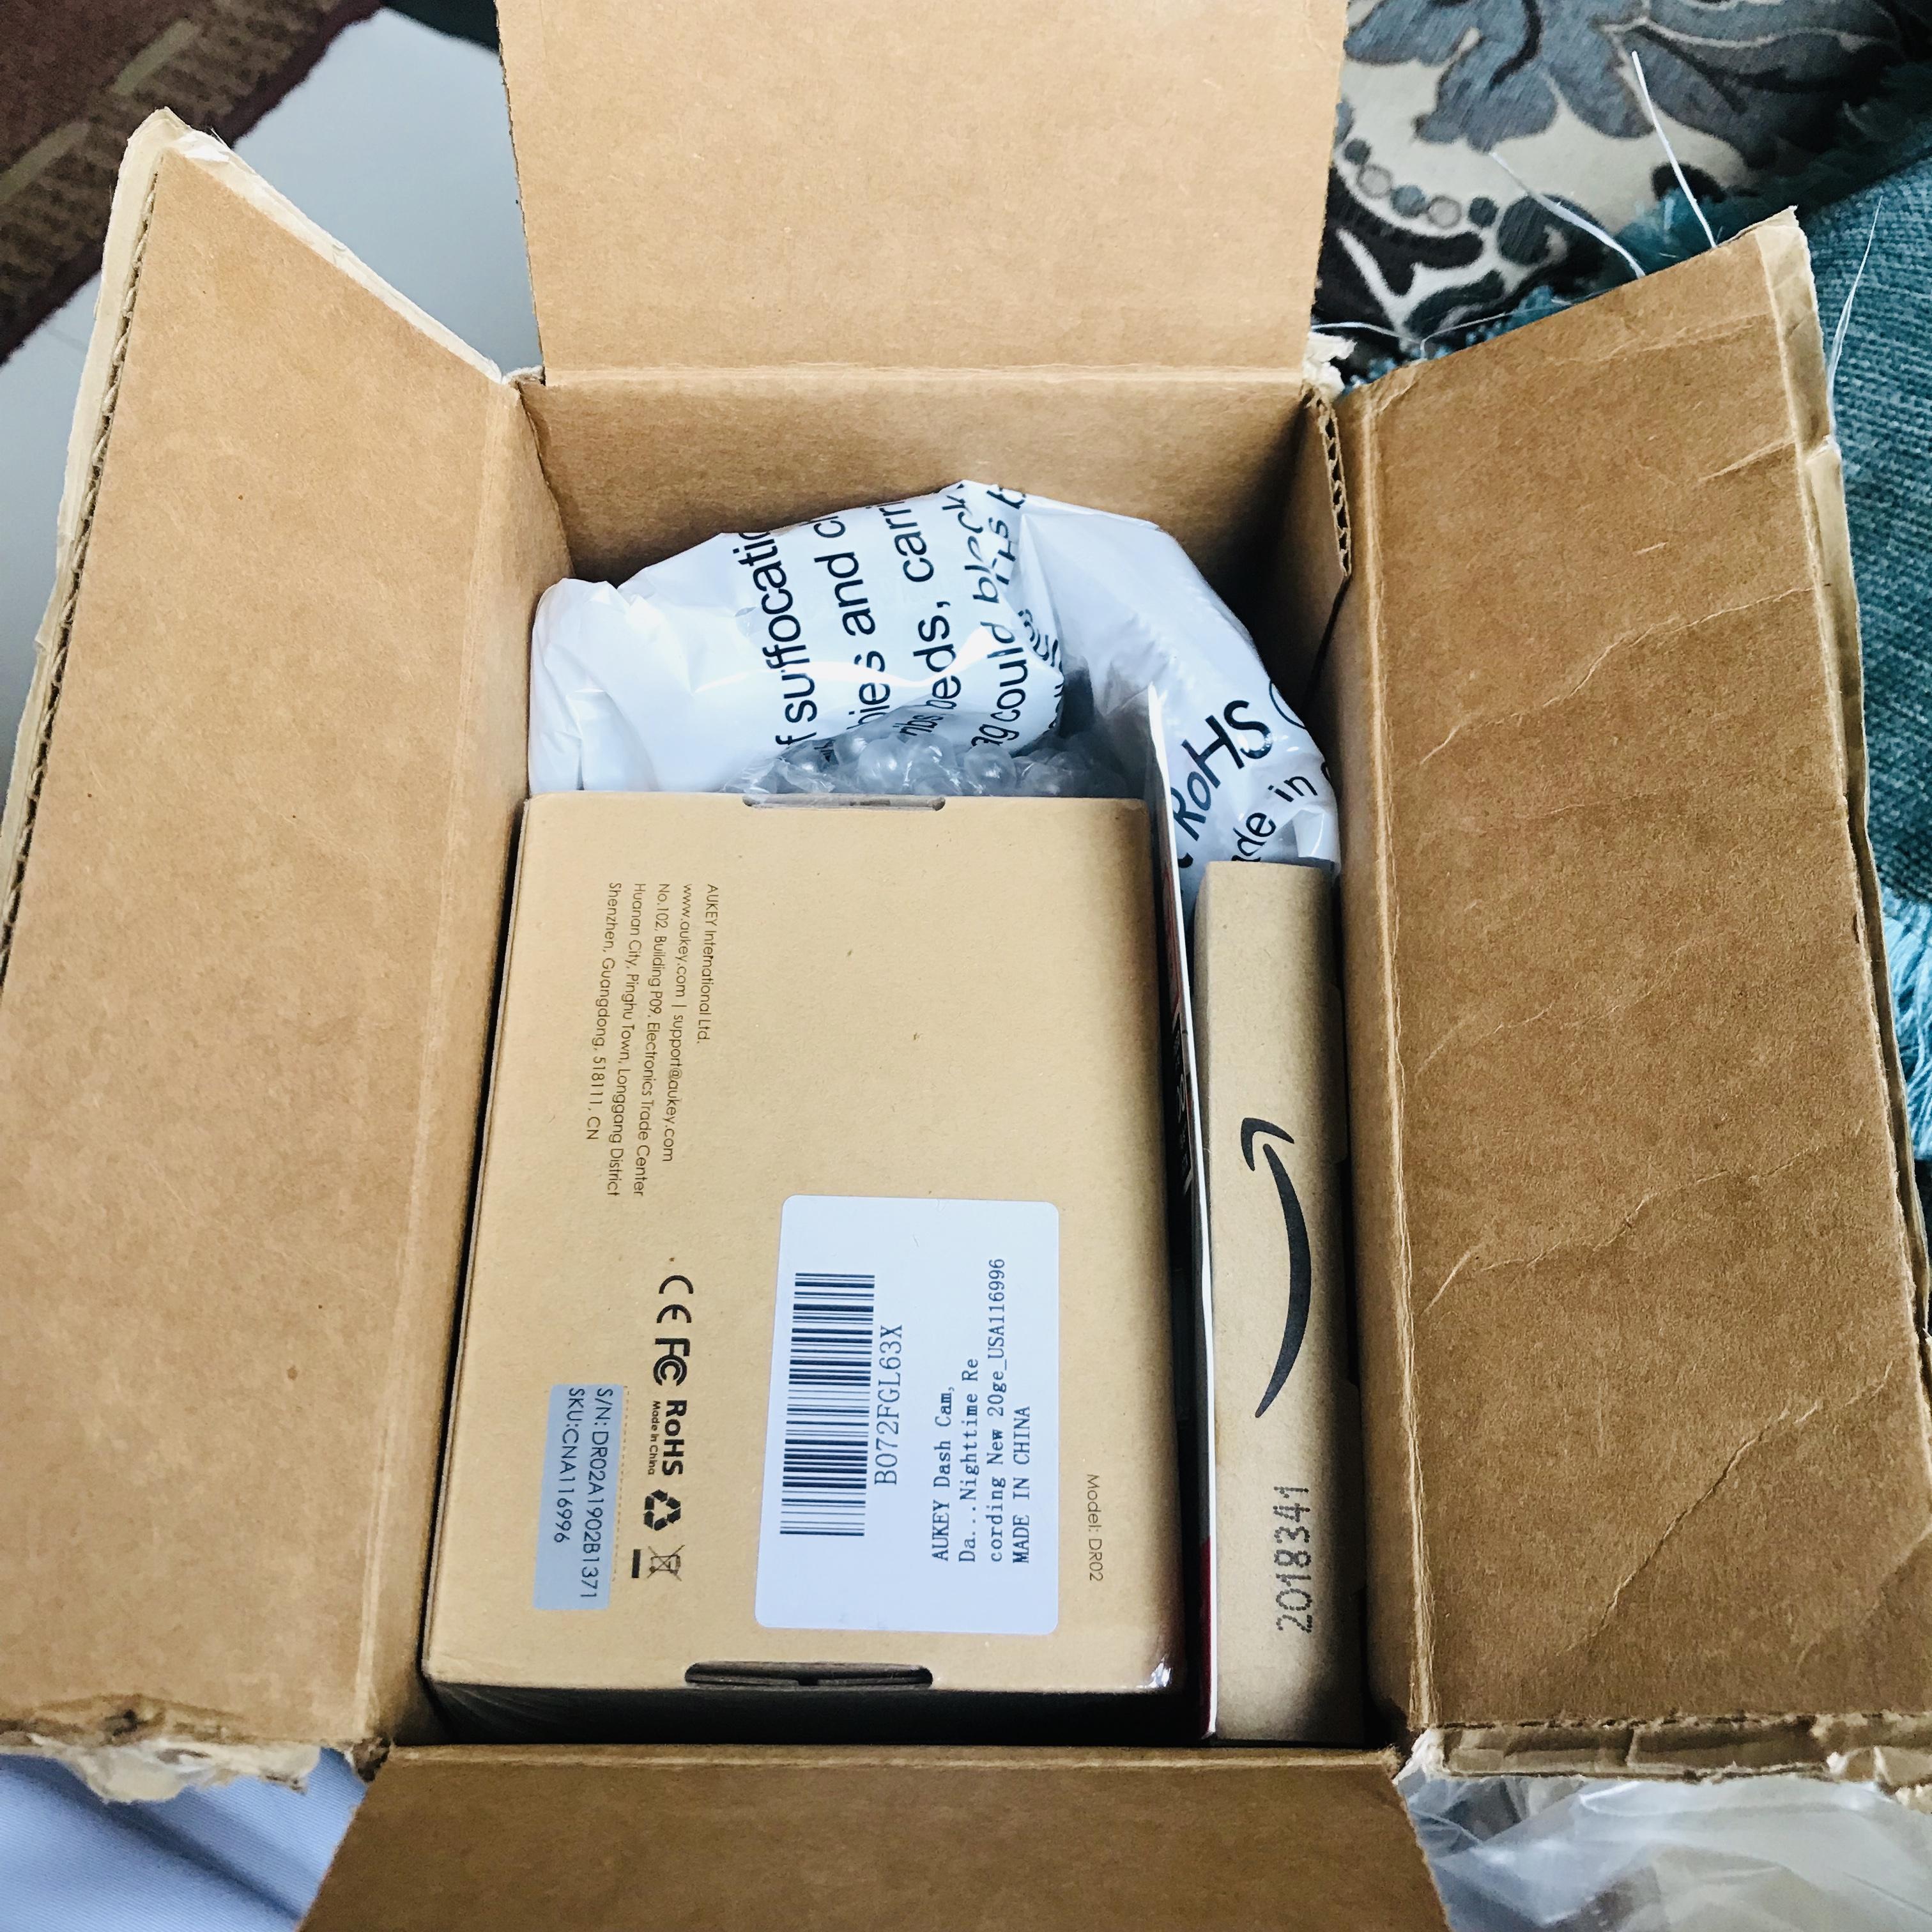 تجربة شراء كاميرة لتسجيل حوادث السيارات من موقع أمازون Amazon2